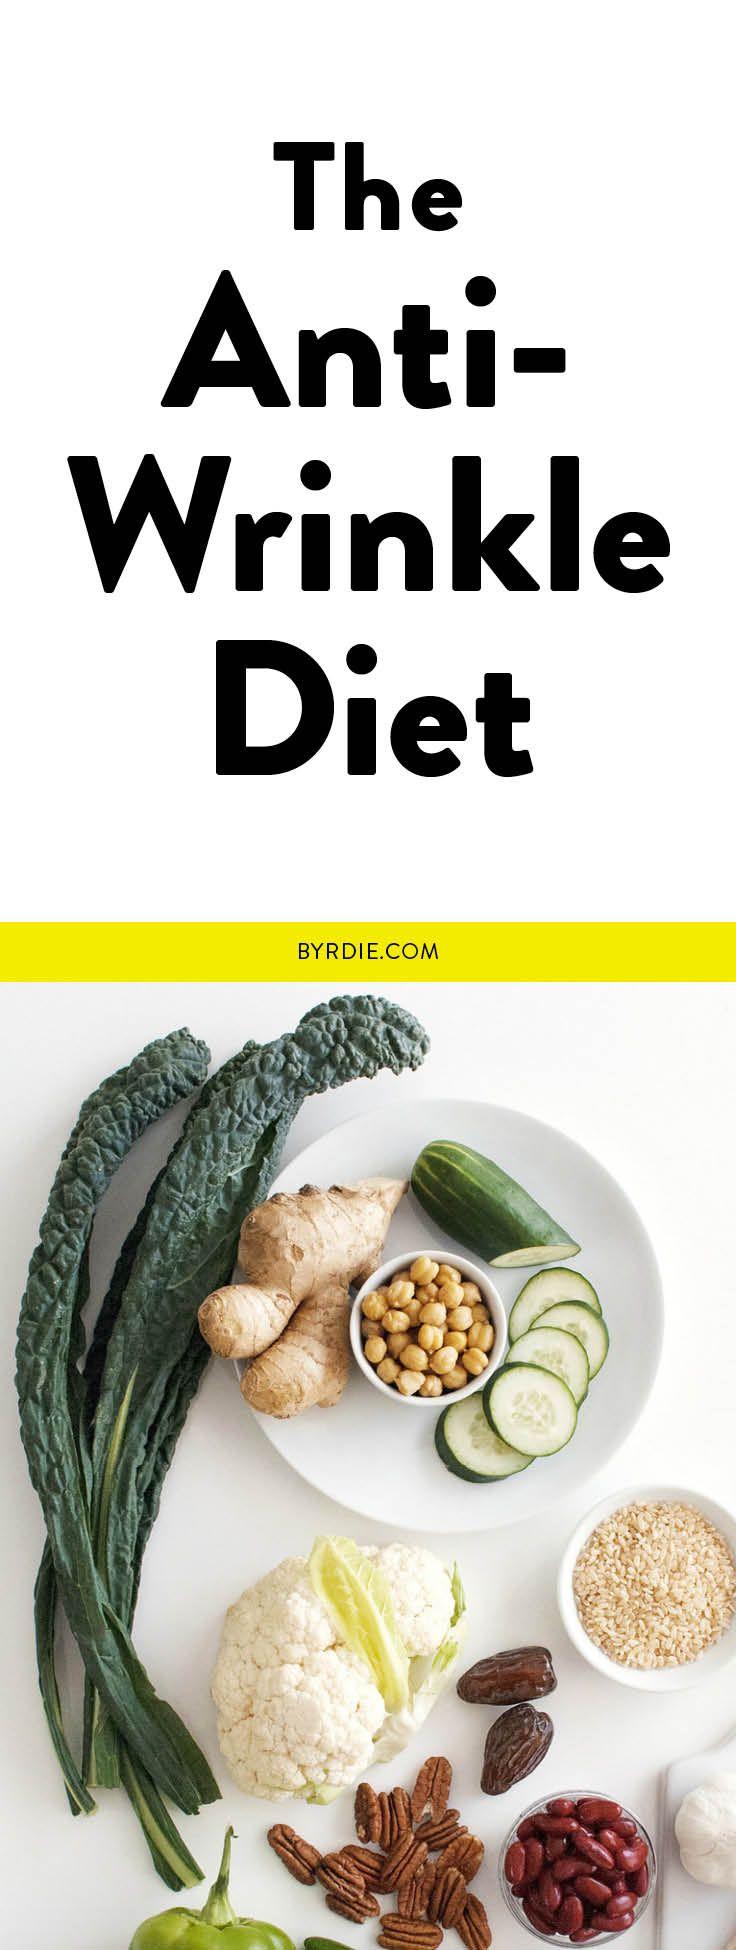 The anti-wrinkle diet.